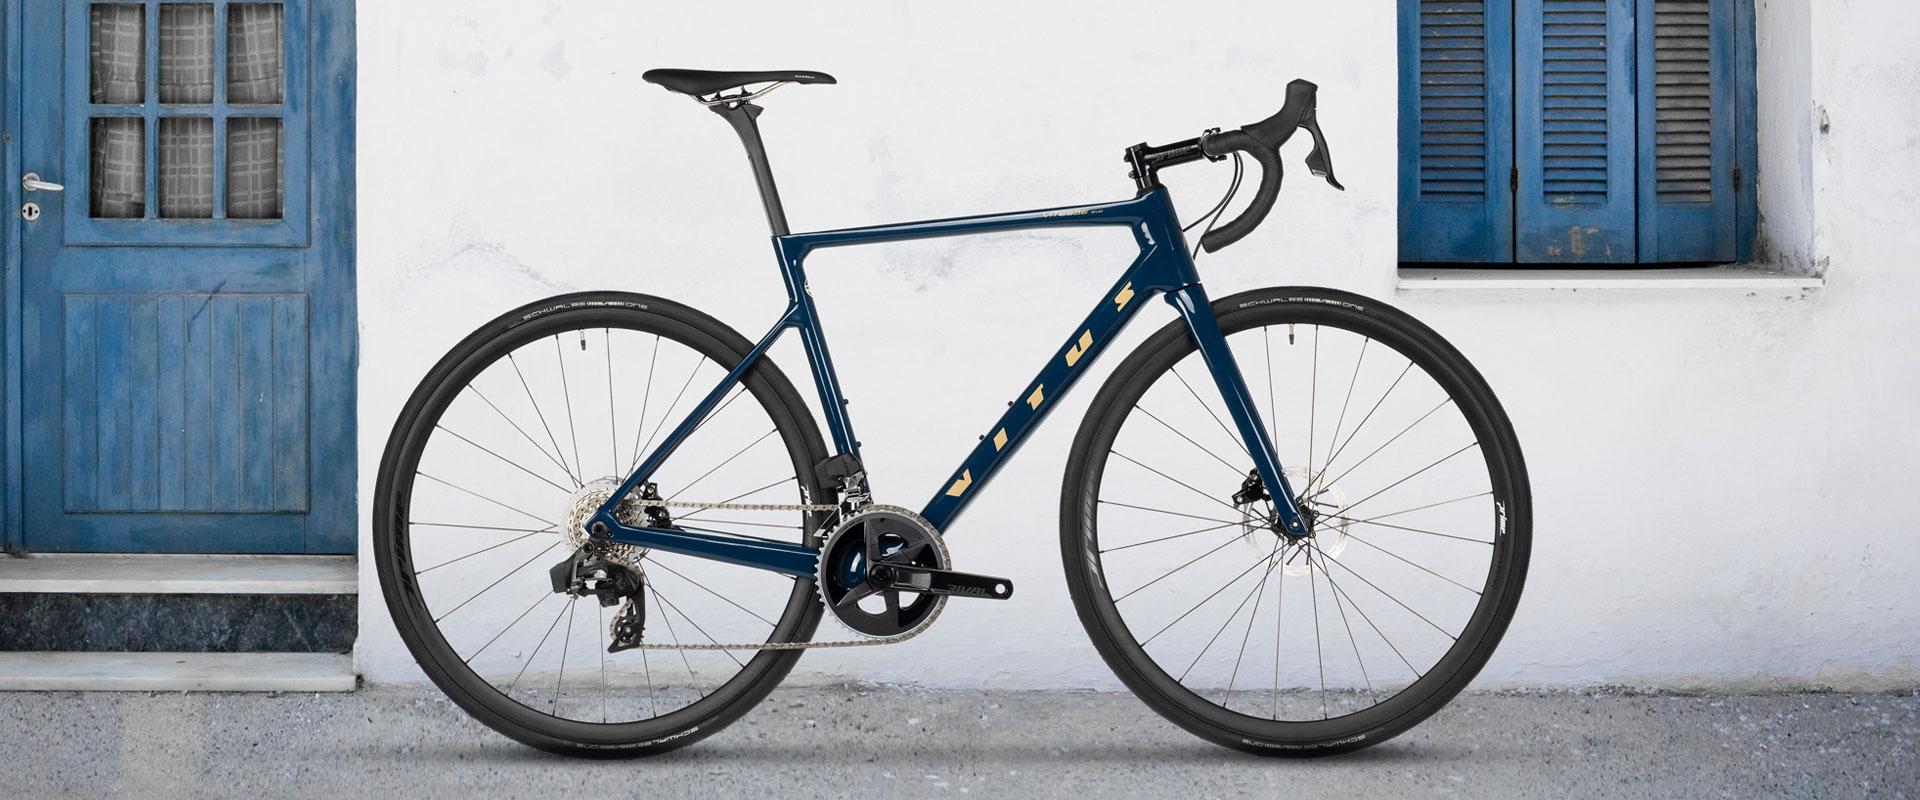 Vitus Vitesse EVO CR eTap AXS Road Bike Rival